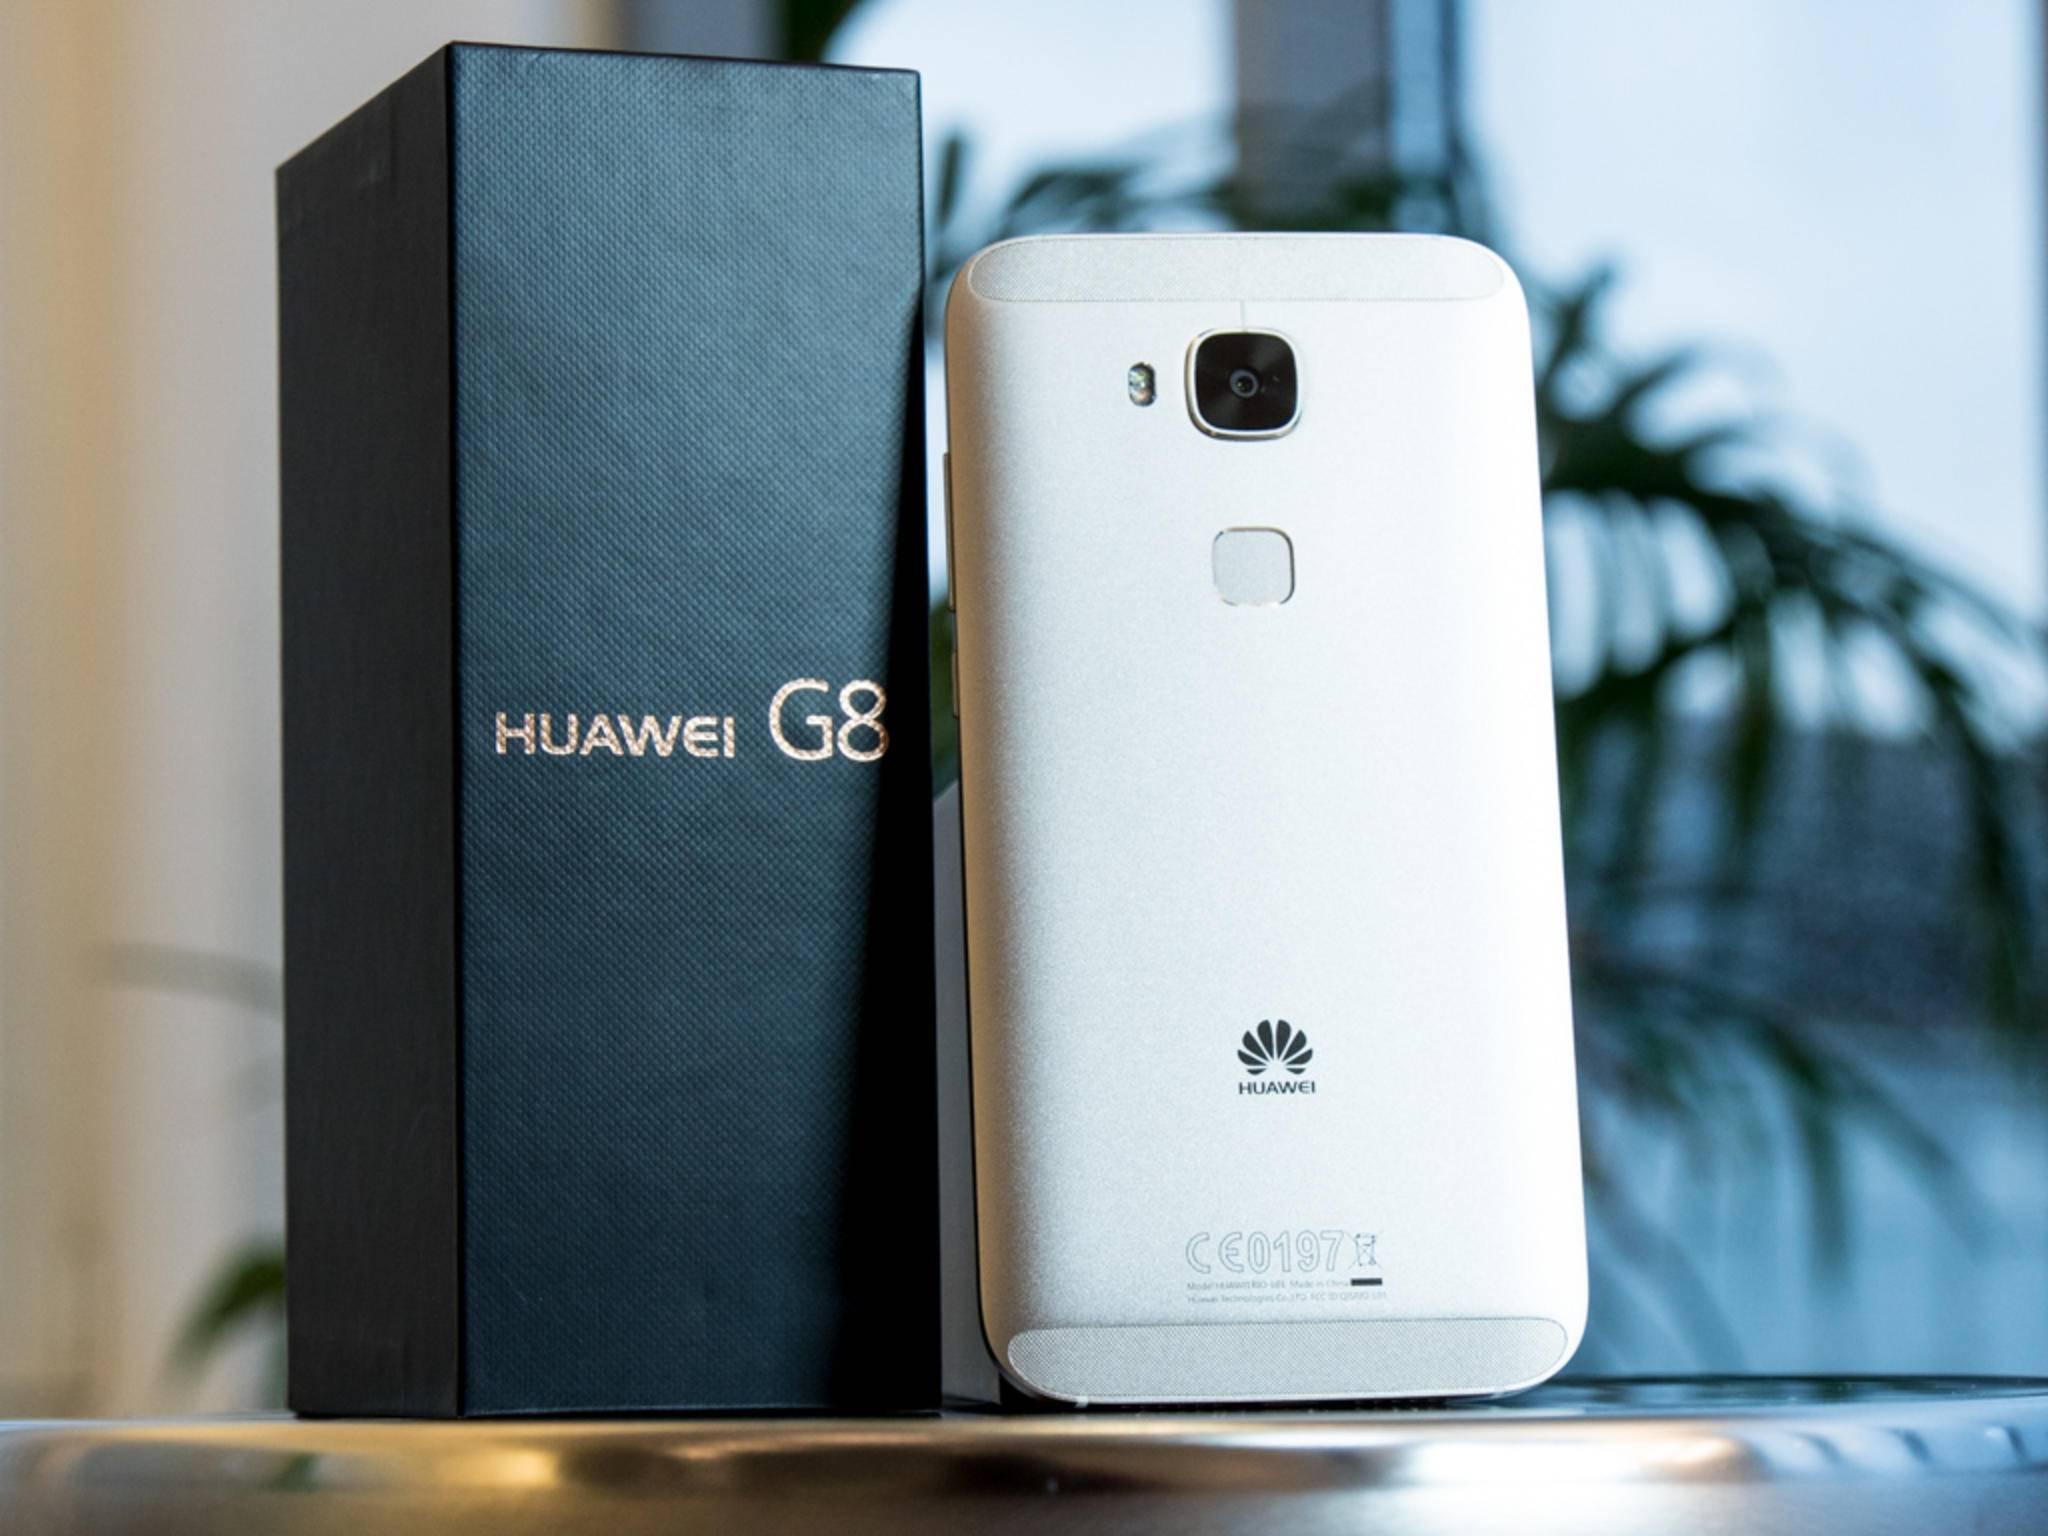 Ein Vertreter der neuen Mittelklasse: Das Huawei G8.